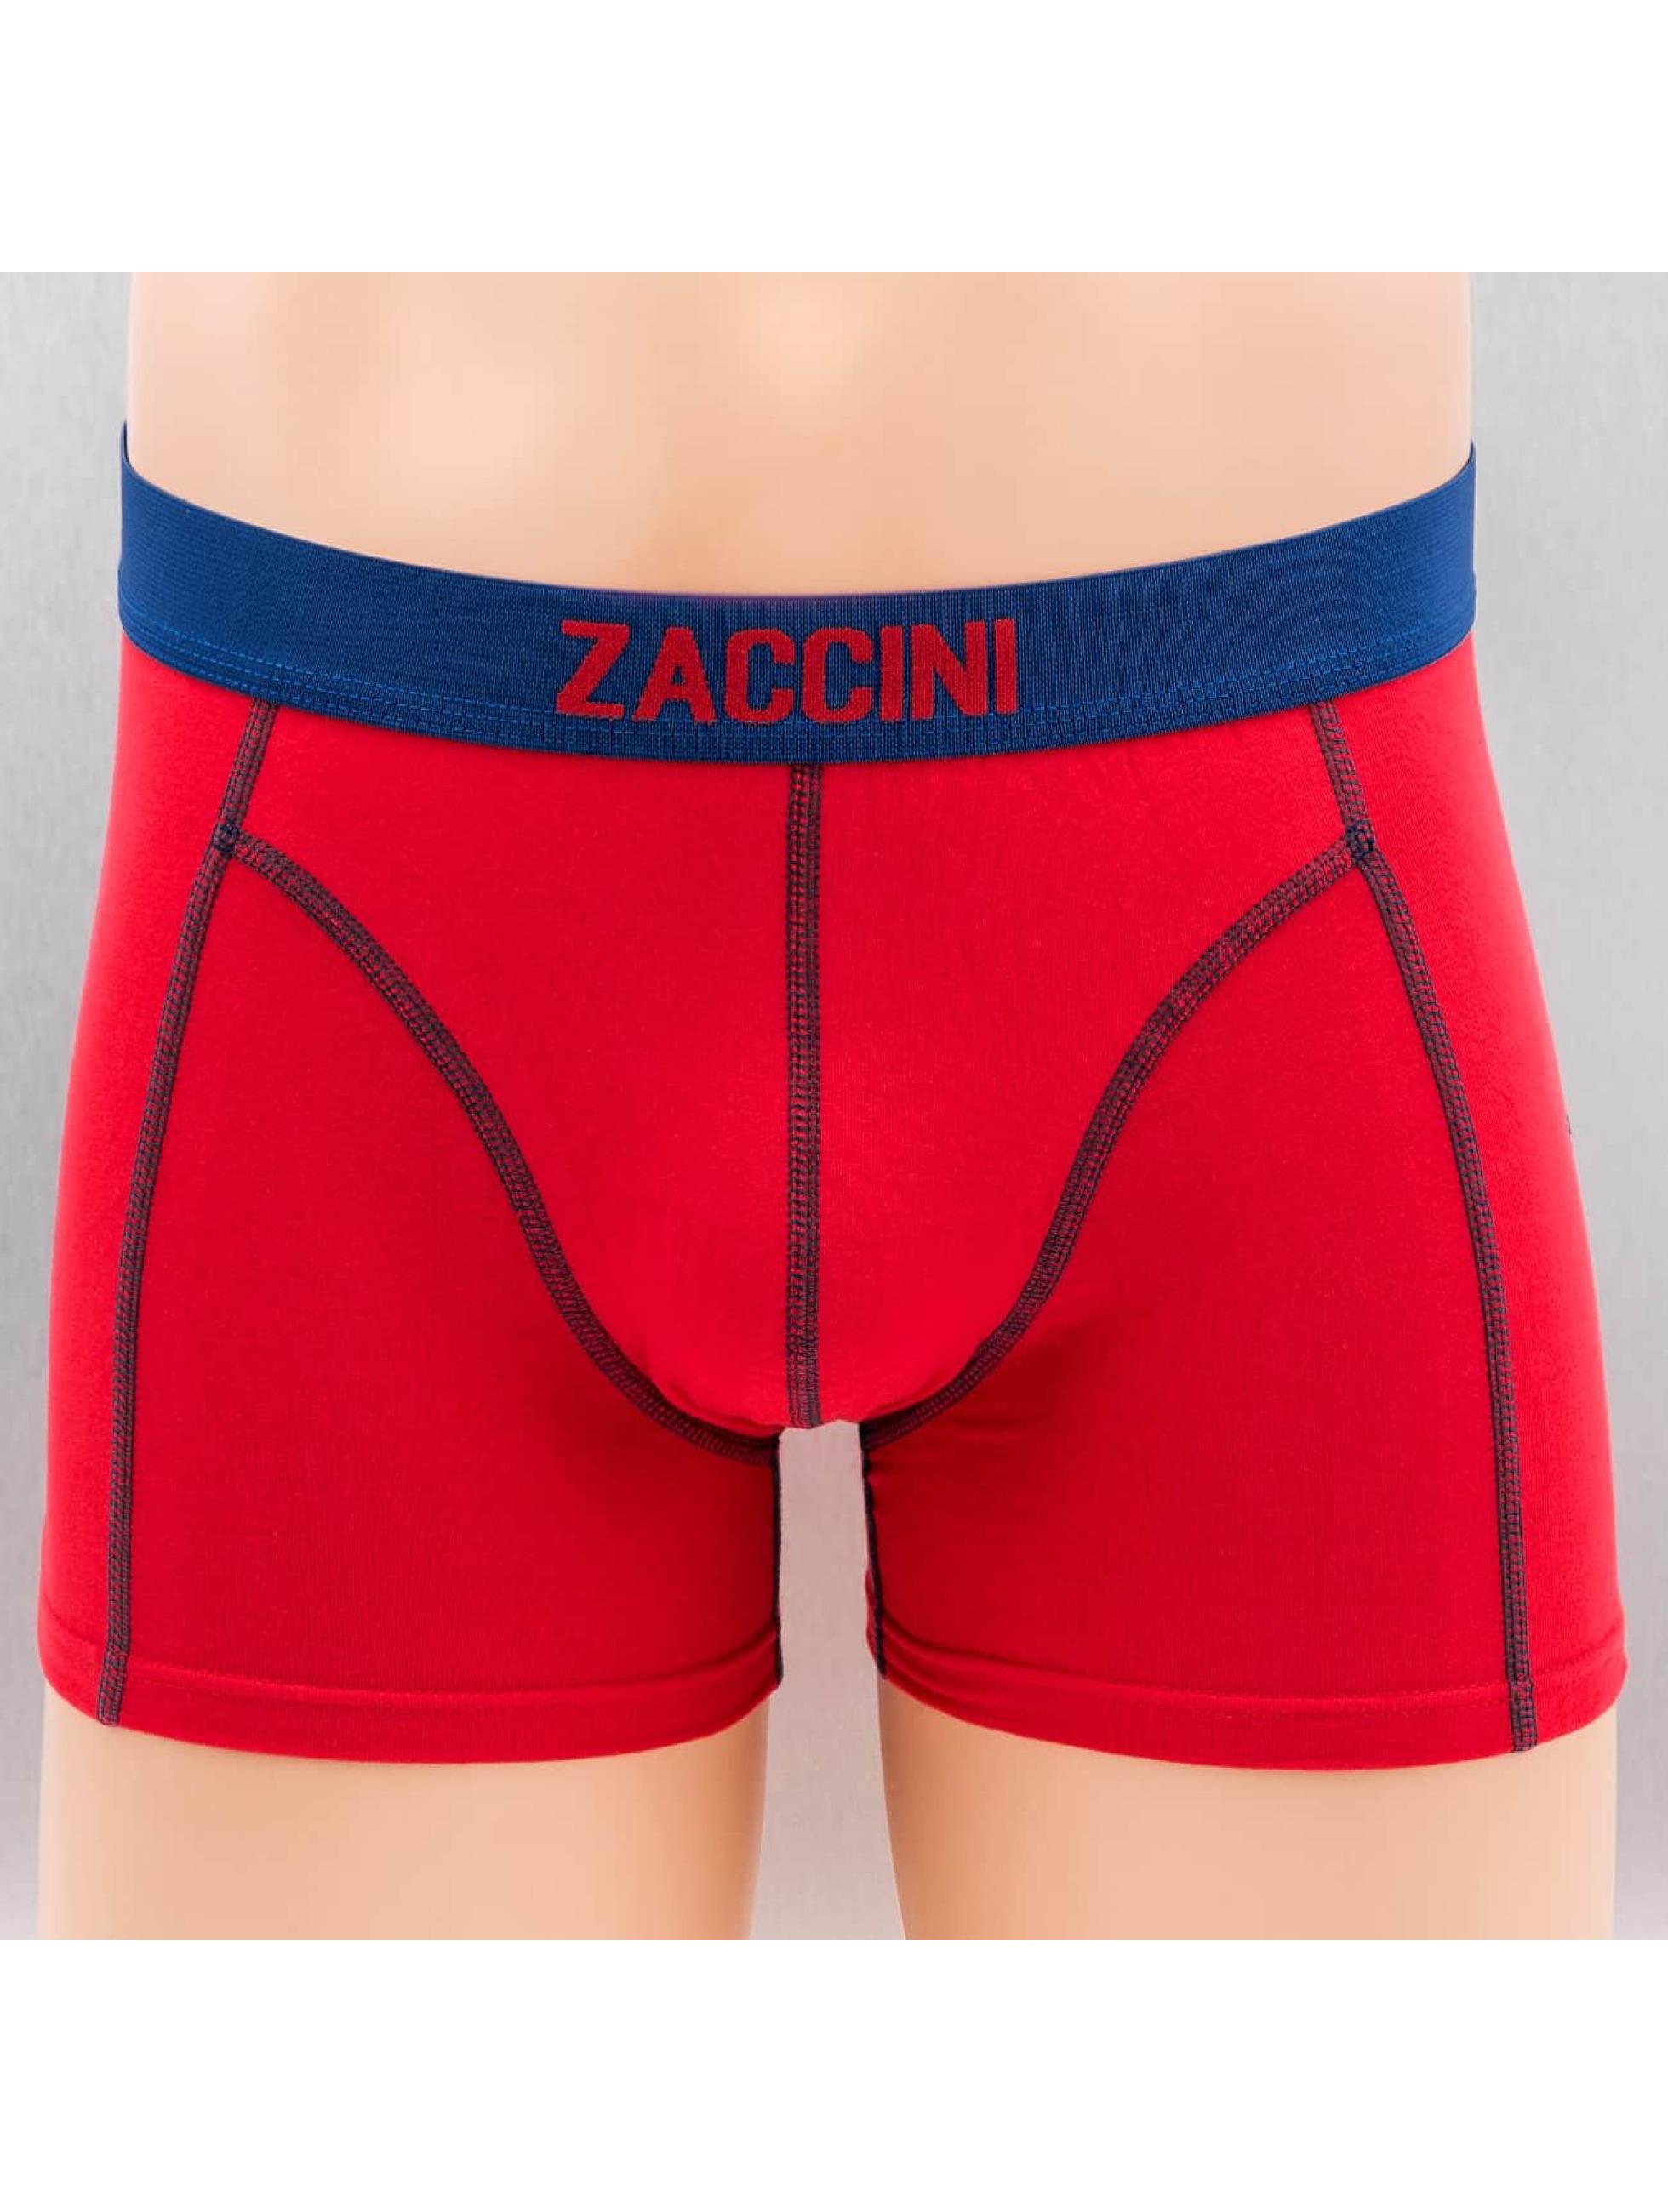 Zaccini Boxer Short Confetti 2-Pack blue